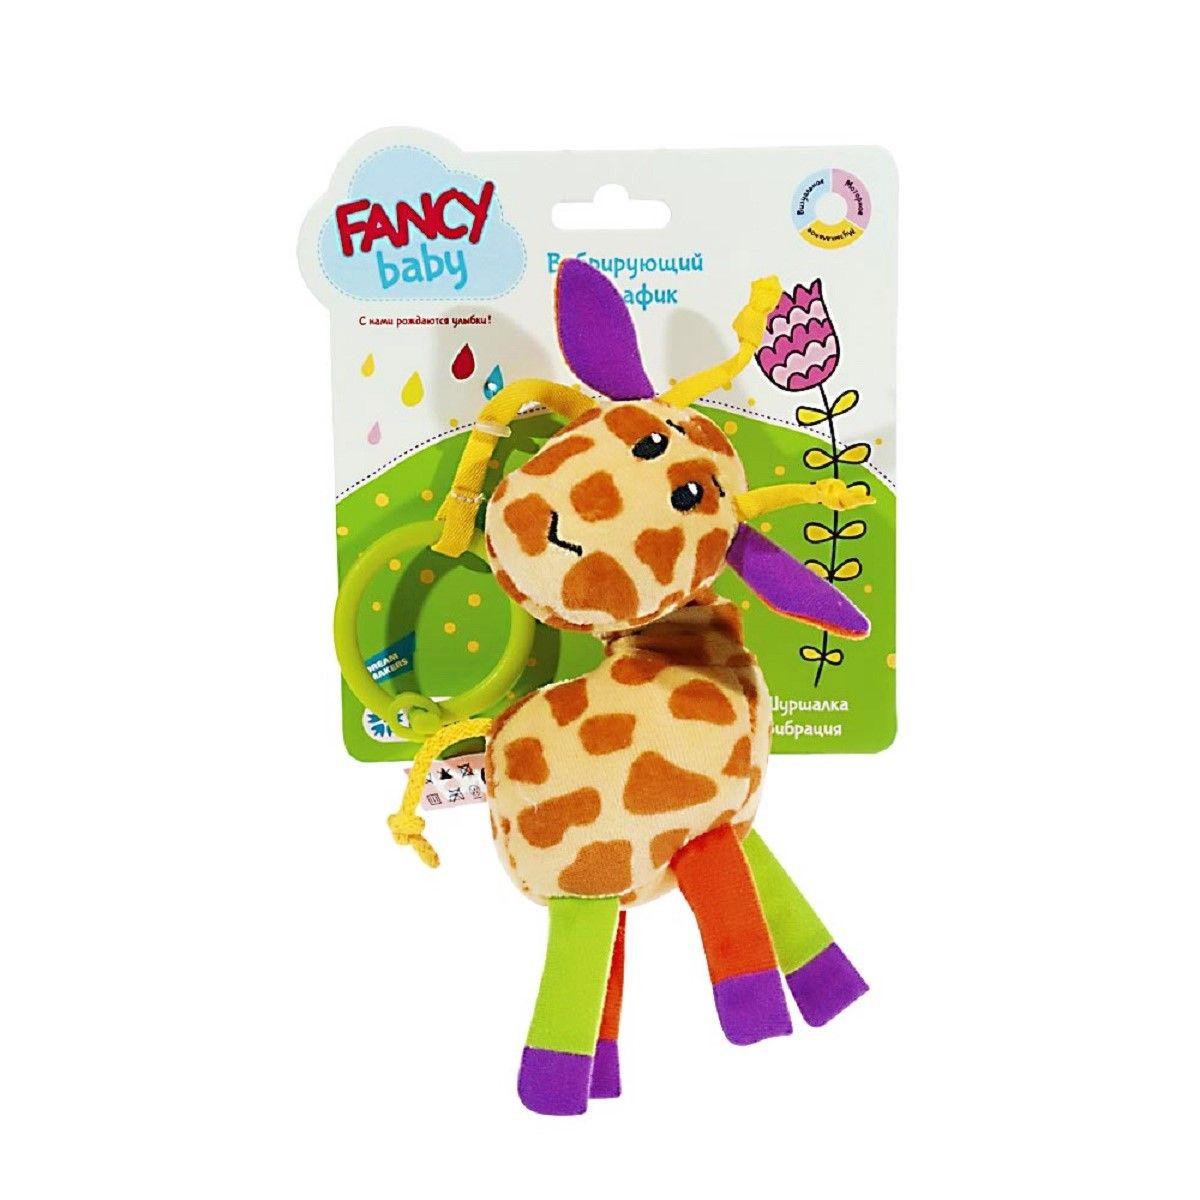 Fancy Развивающая игрушка Жирафик вибрирующая развивающая игрушка жирафики подвеска с вибрацией жирафик дэнни 939363